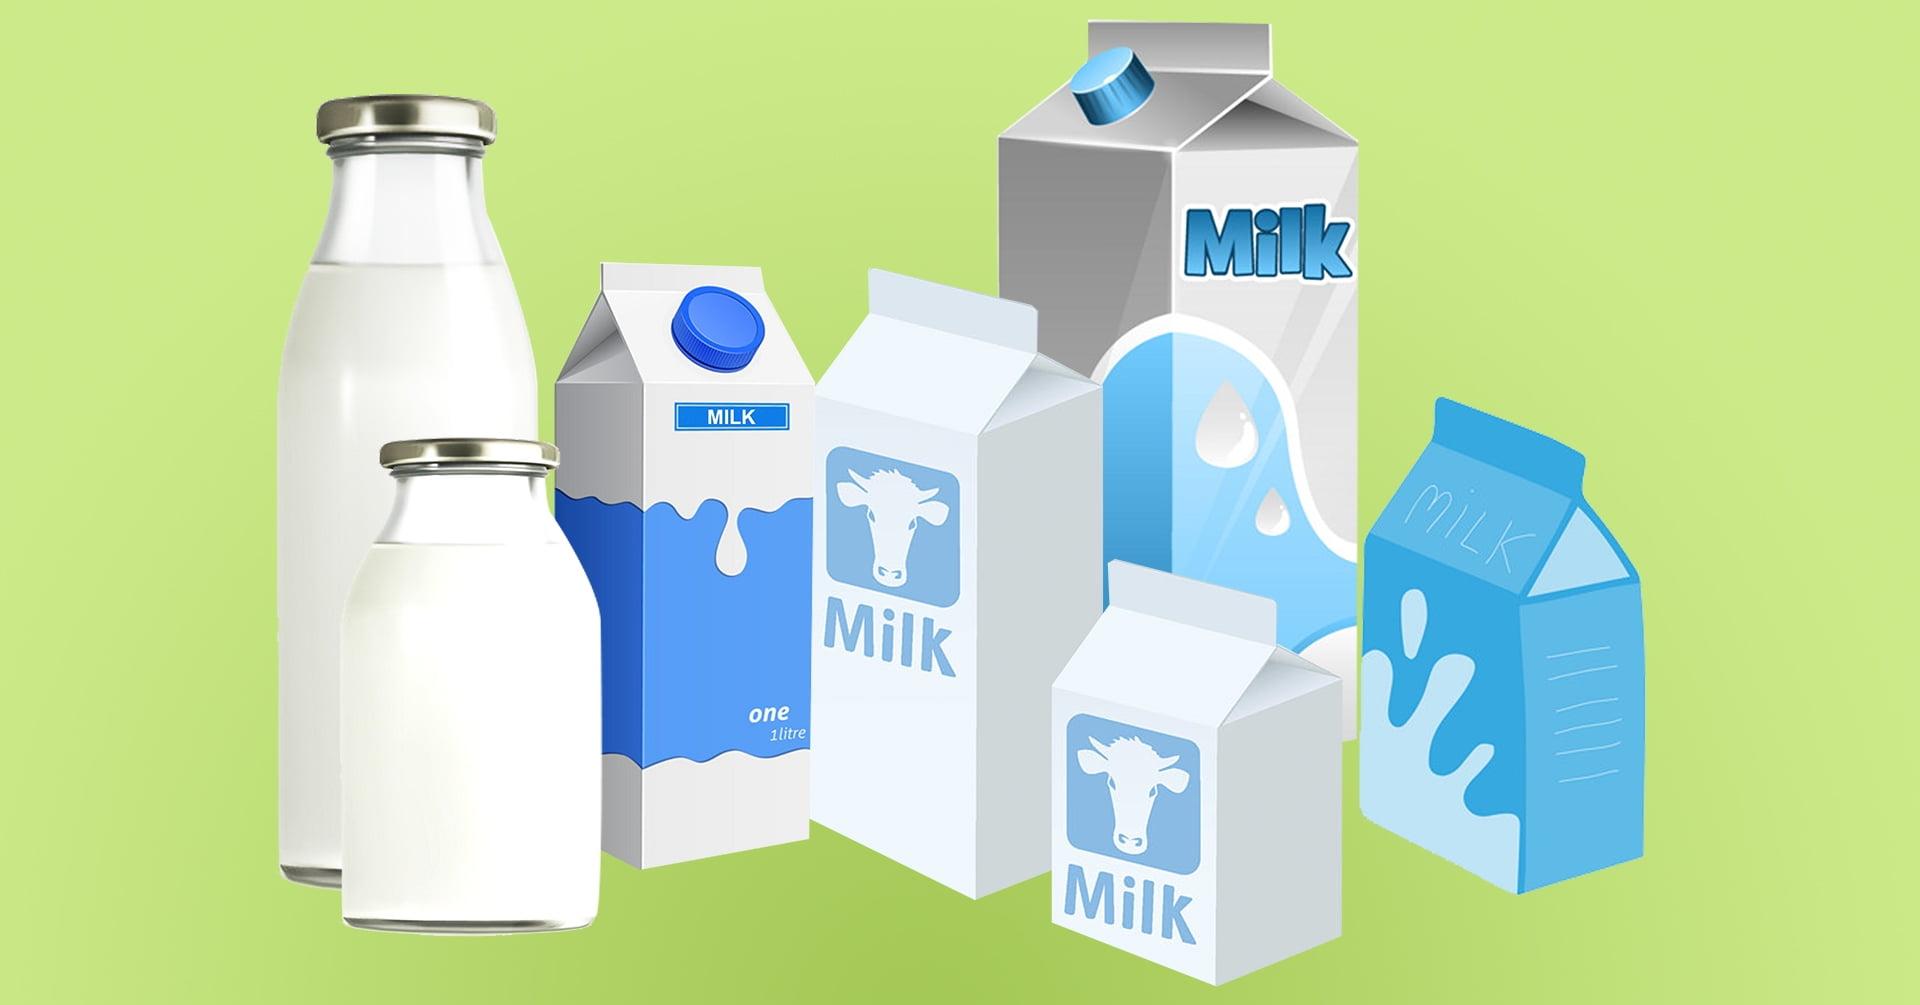 Bốc Xếp Thùng Hộp Sữa - Máy Nâng Hàng Hóa Pallet